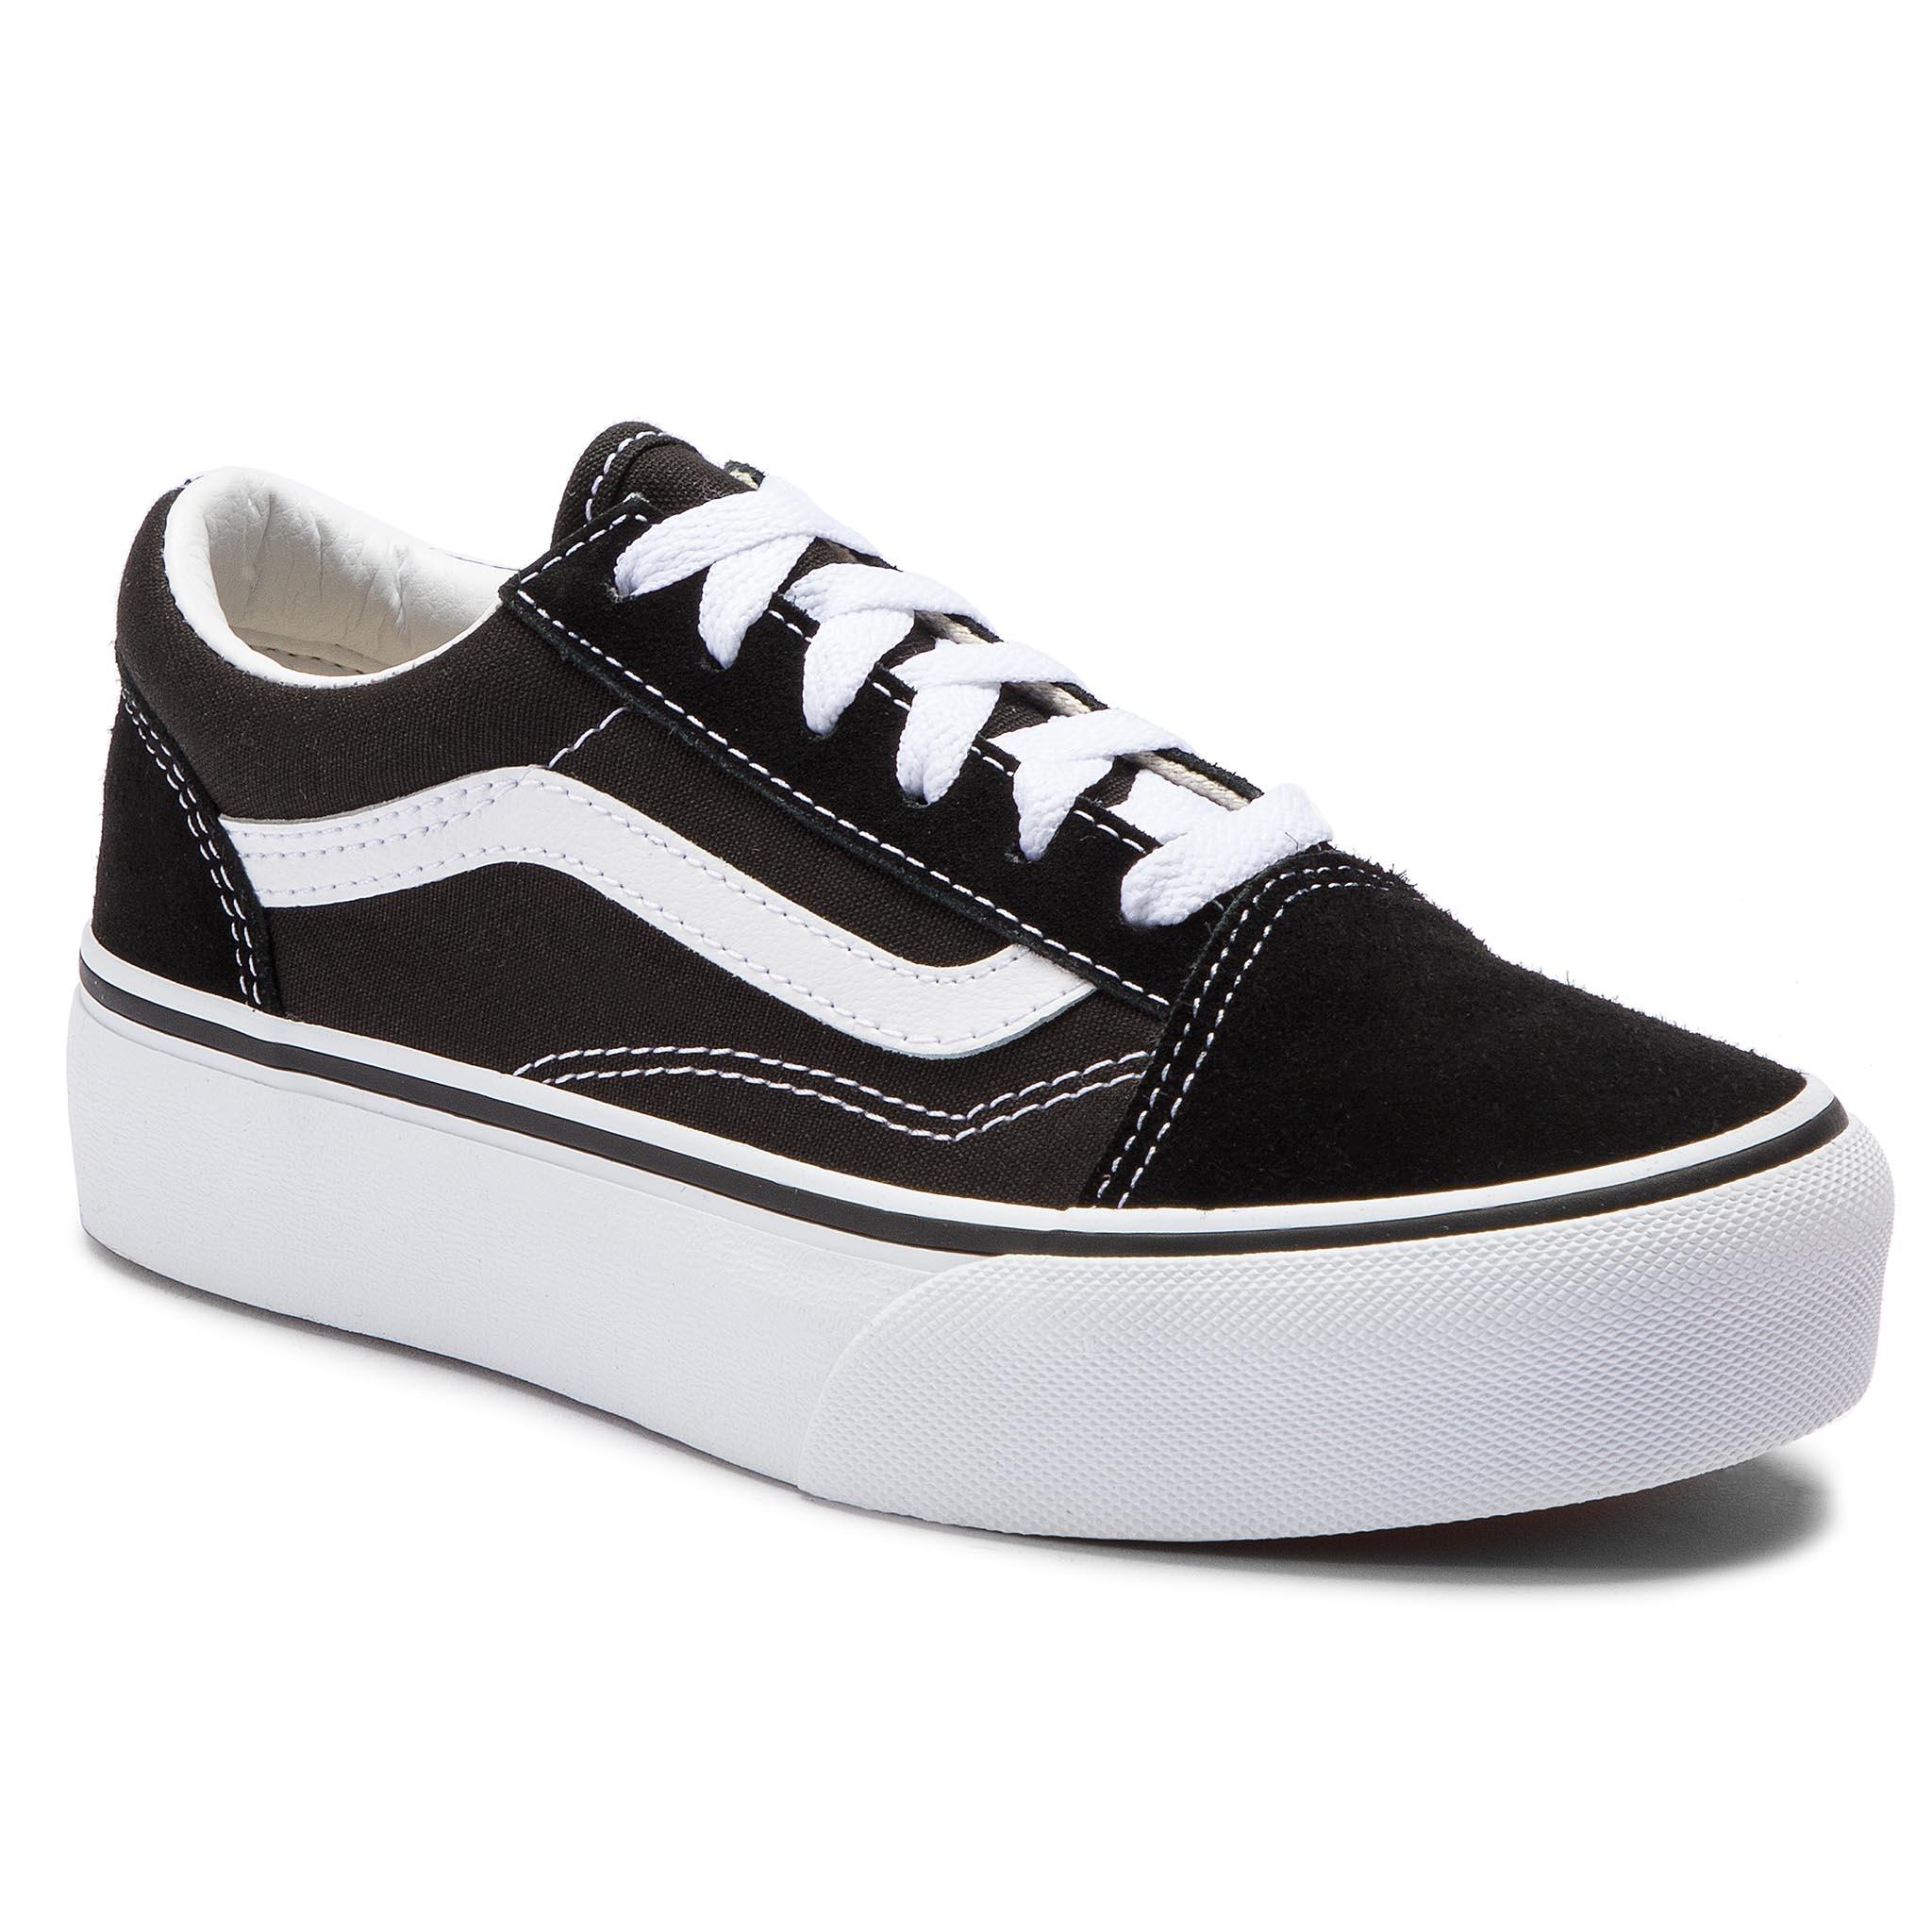 fb29a2764c6 Πάνινα παπούτσια VANS - Old Skool Platfor VN0A3TL36BT1 Black/True White